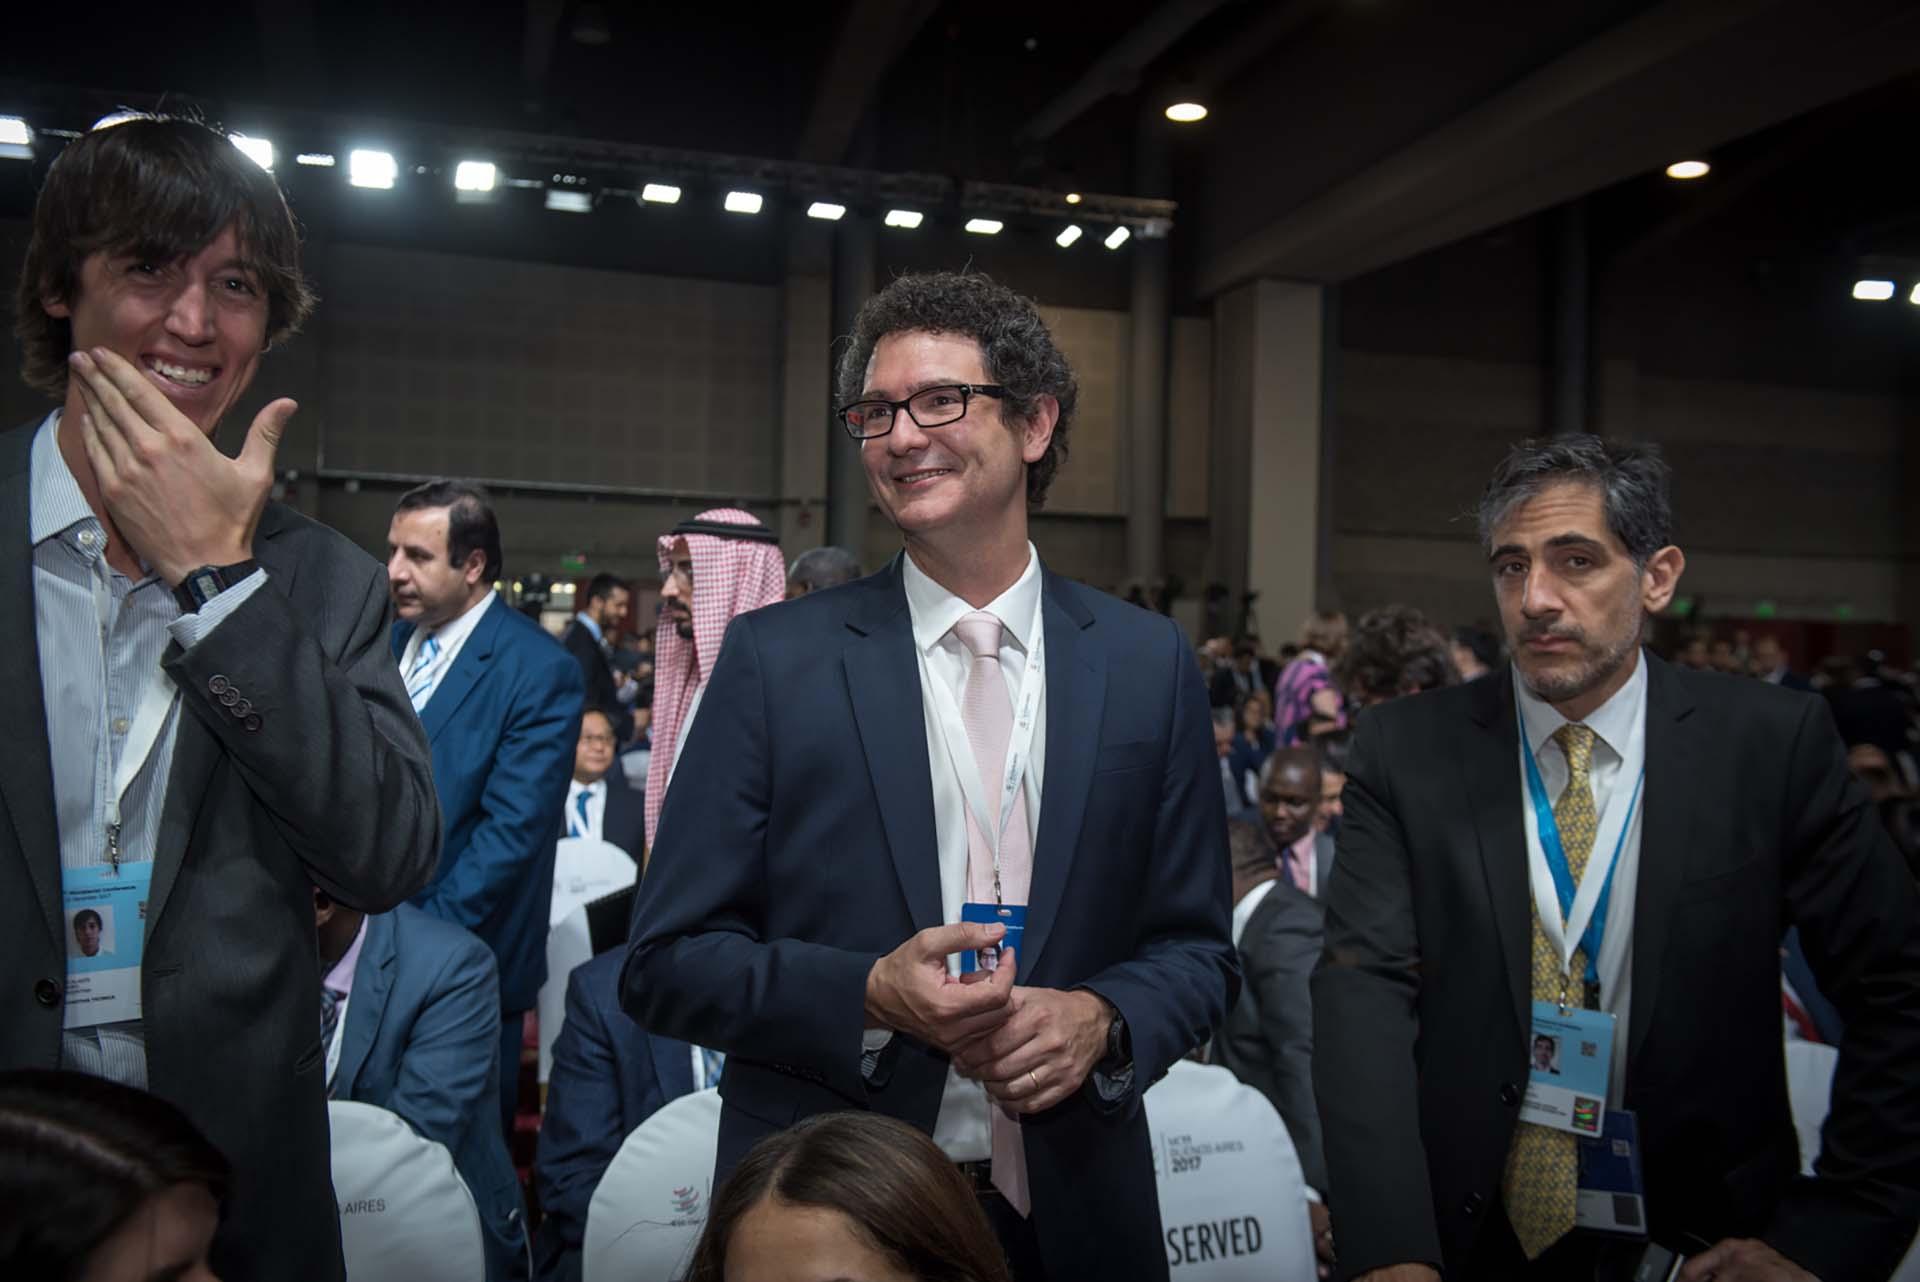 En el centro, Mariano Mayer, secretario de Emprendedores y Pymes de la Nación